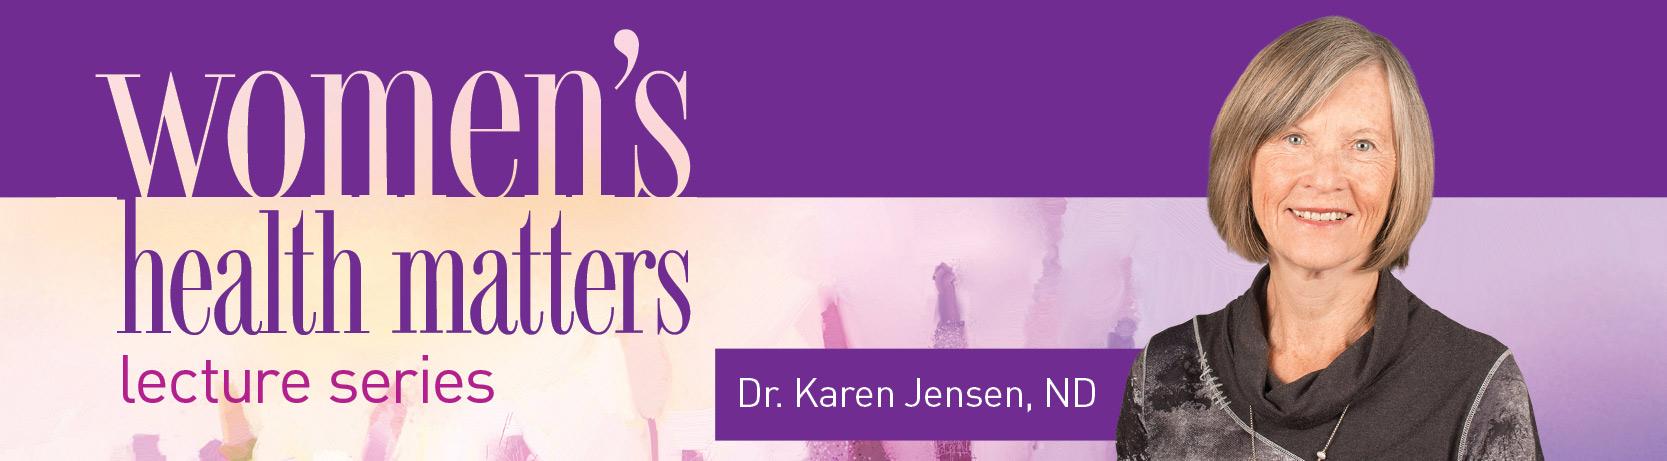 WV-show-dr--Karen-Jensen-20170904444